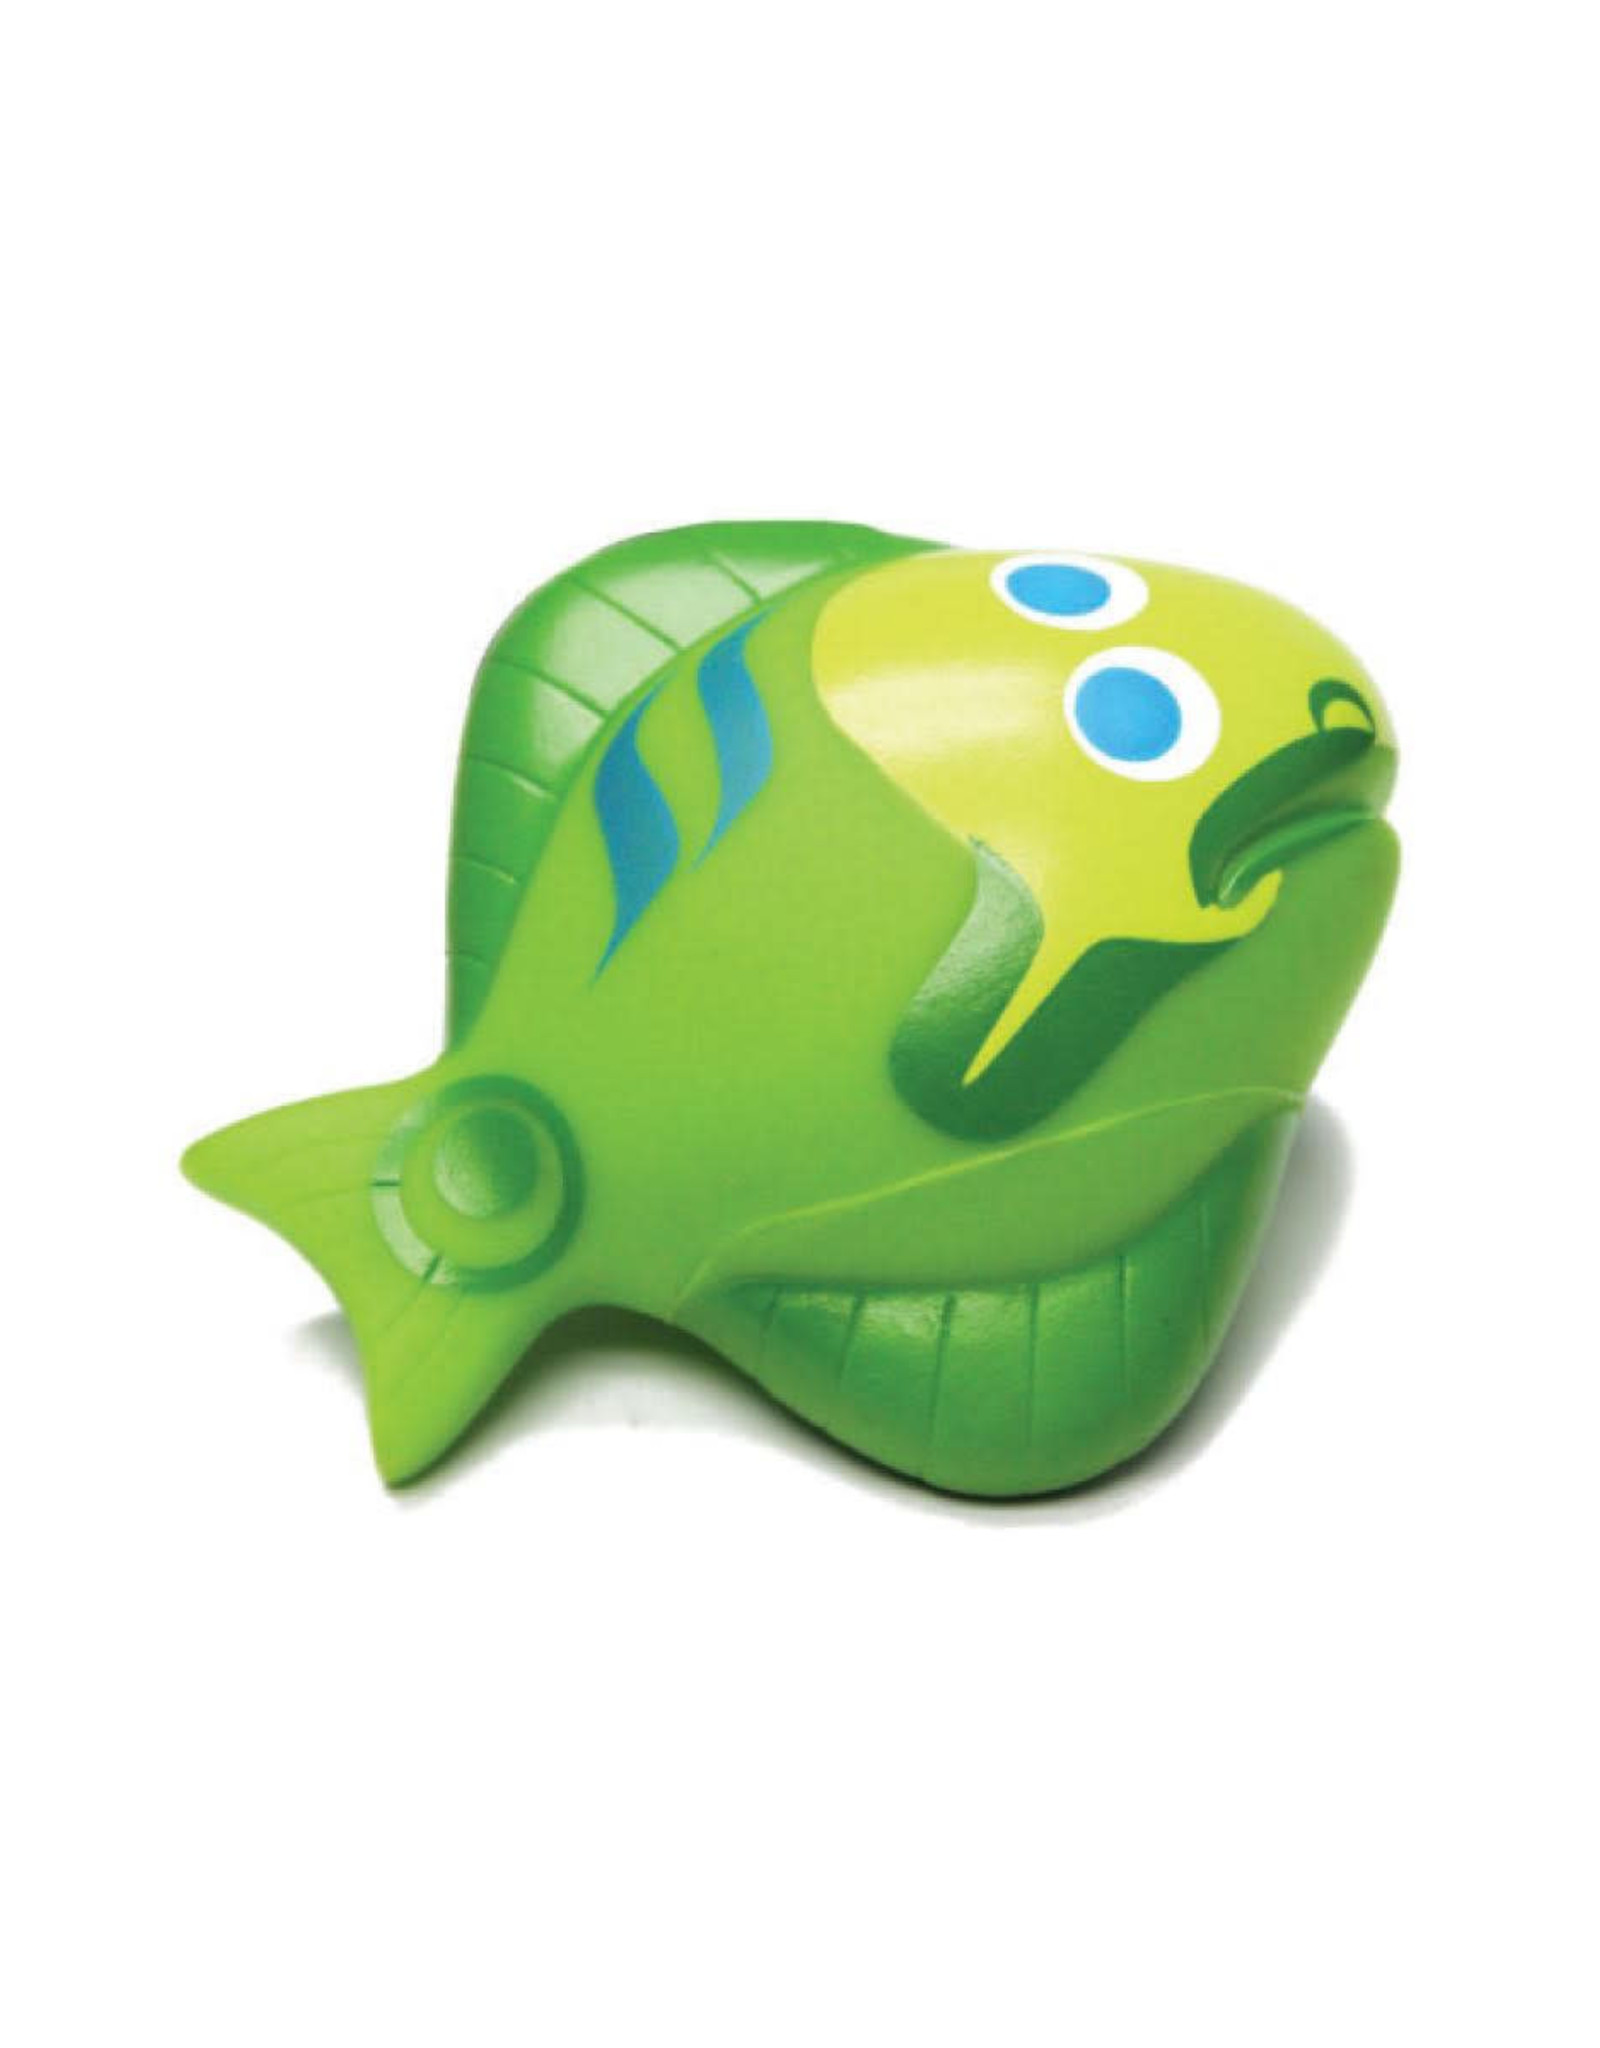 Children's Bath Toy